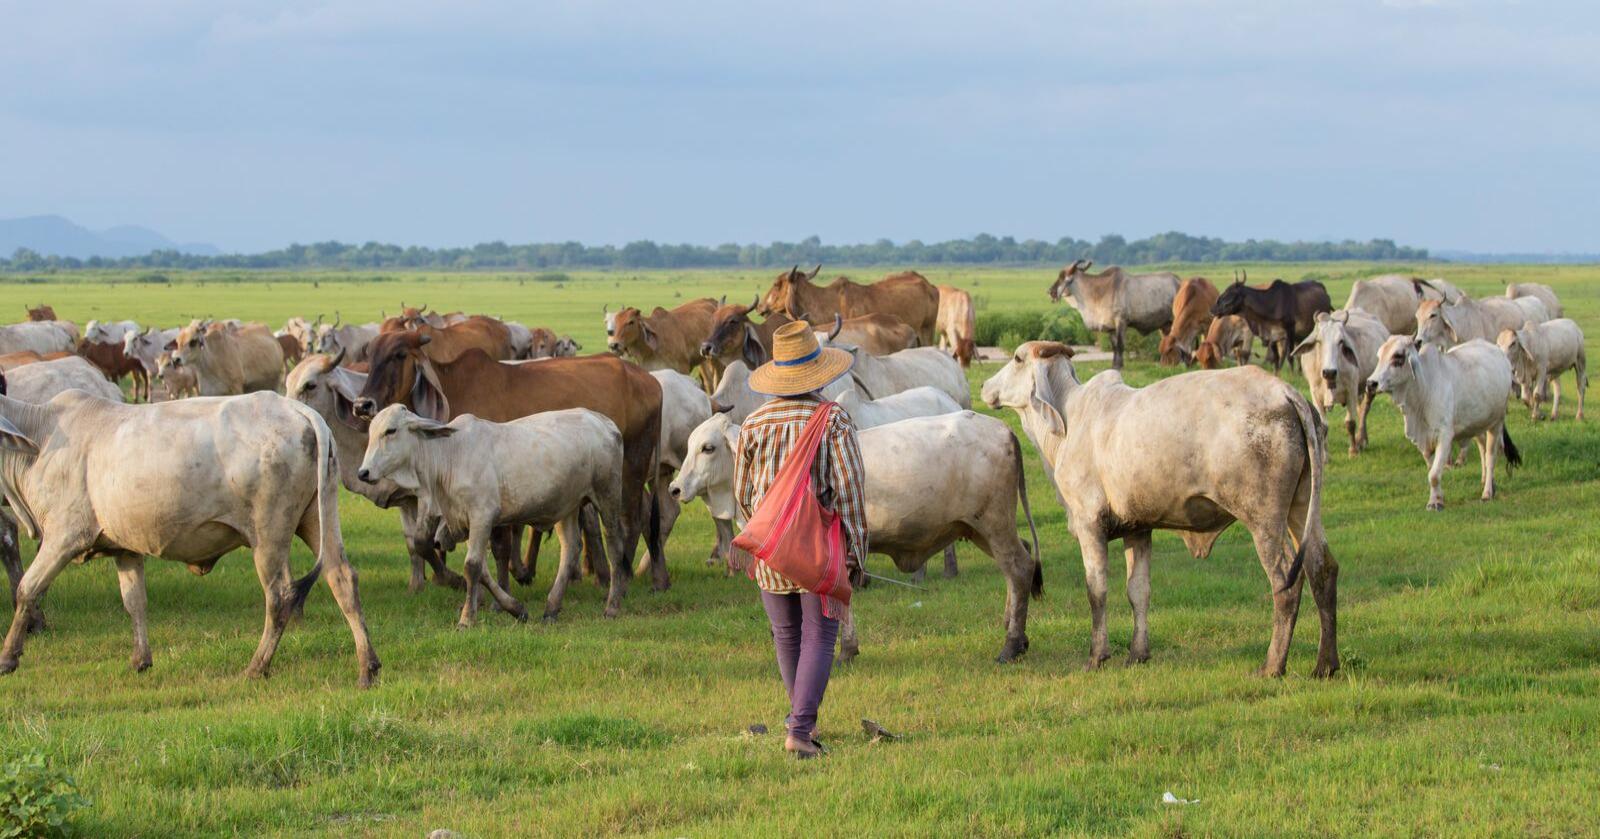 Internasjonal og nasjonal landbrukspolitikk henger tett sammen, skriver innsenderen. Bildet viser en bonde i Asia. Foto: Mostphotos